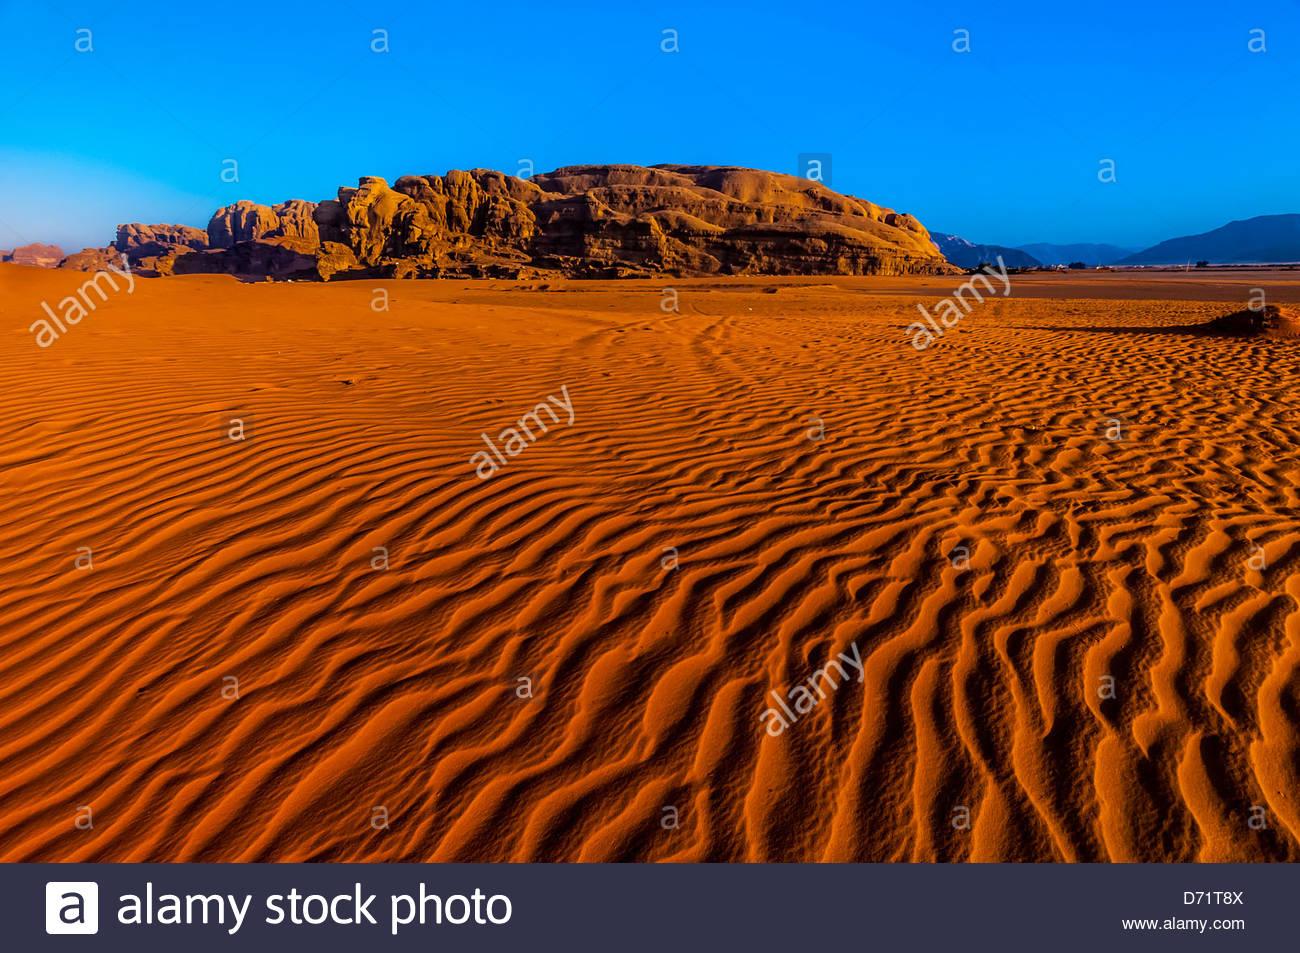 Arabische Wüste Wadi Rum, Jordanien. Stockbild